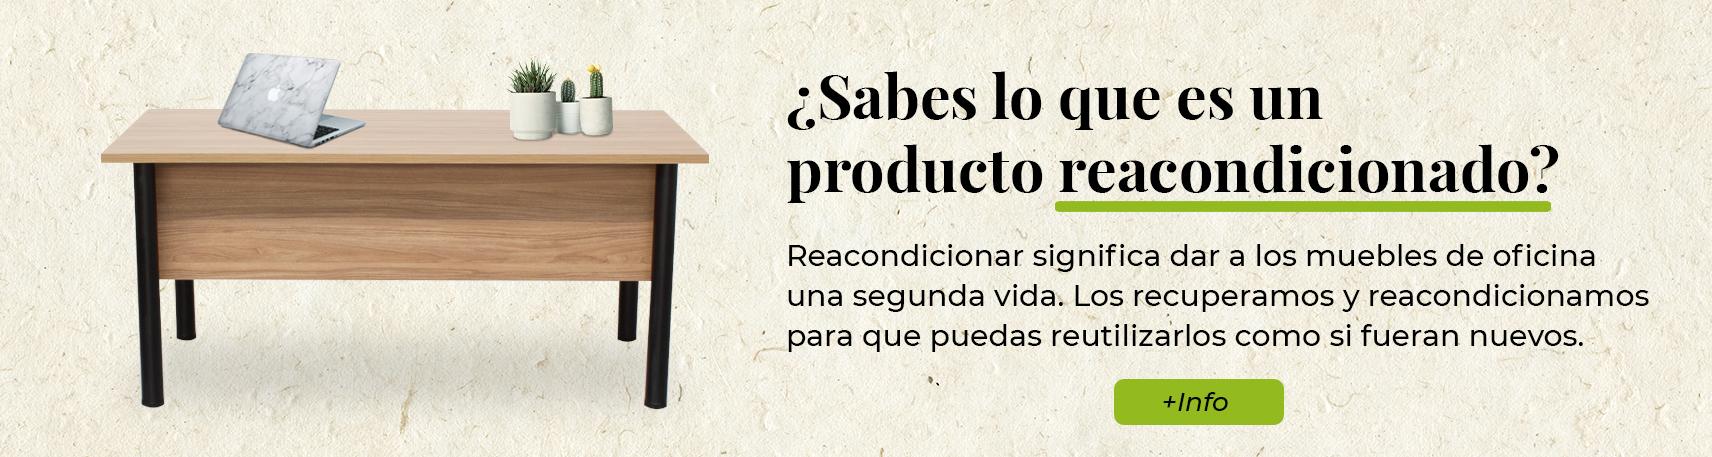 muebles de oficina reacondicionados en Madrid